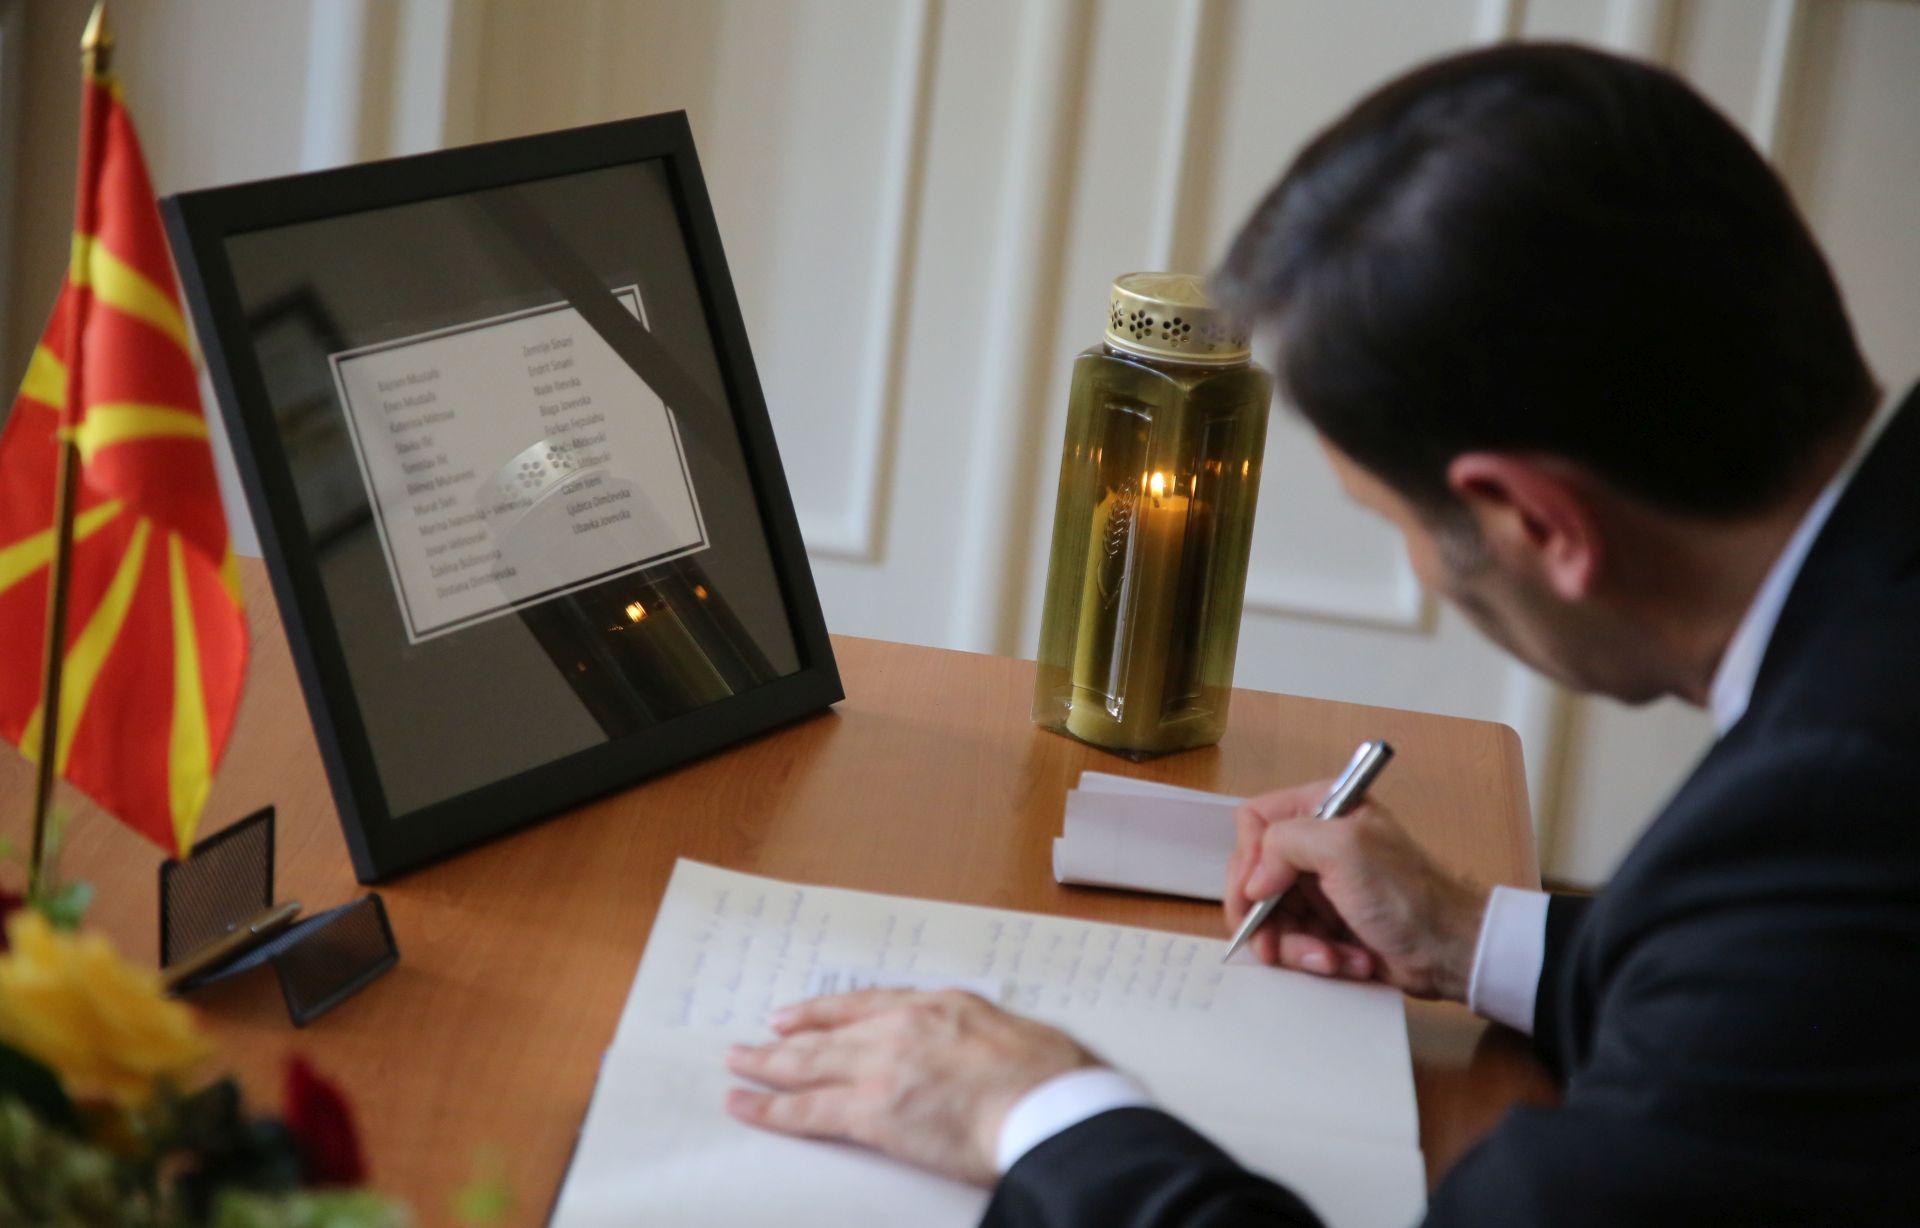 NEVRIJEME U SKOPJU: Ministar Kovač se upisao u knjigu žalosti u makedonskom veleposlanstvu